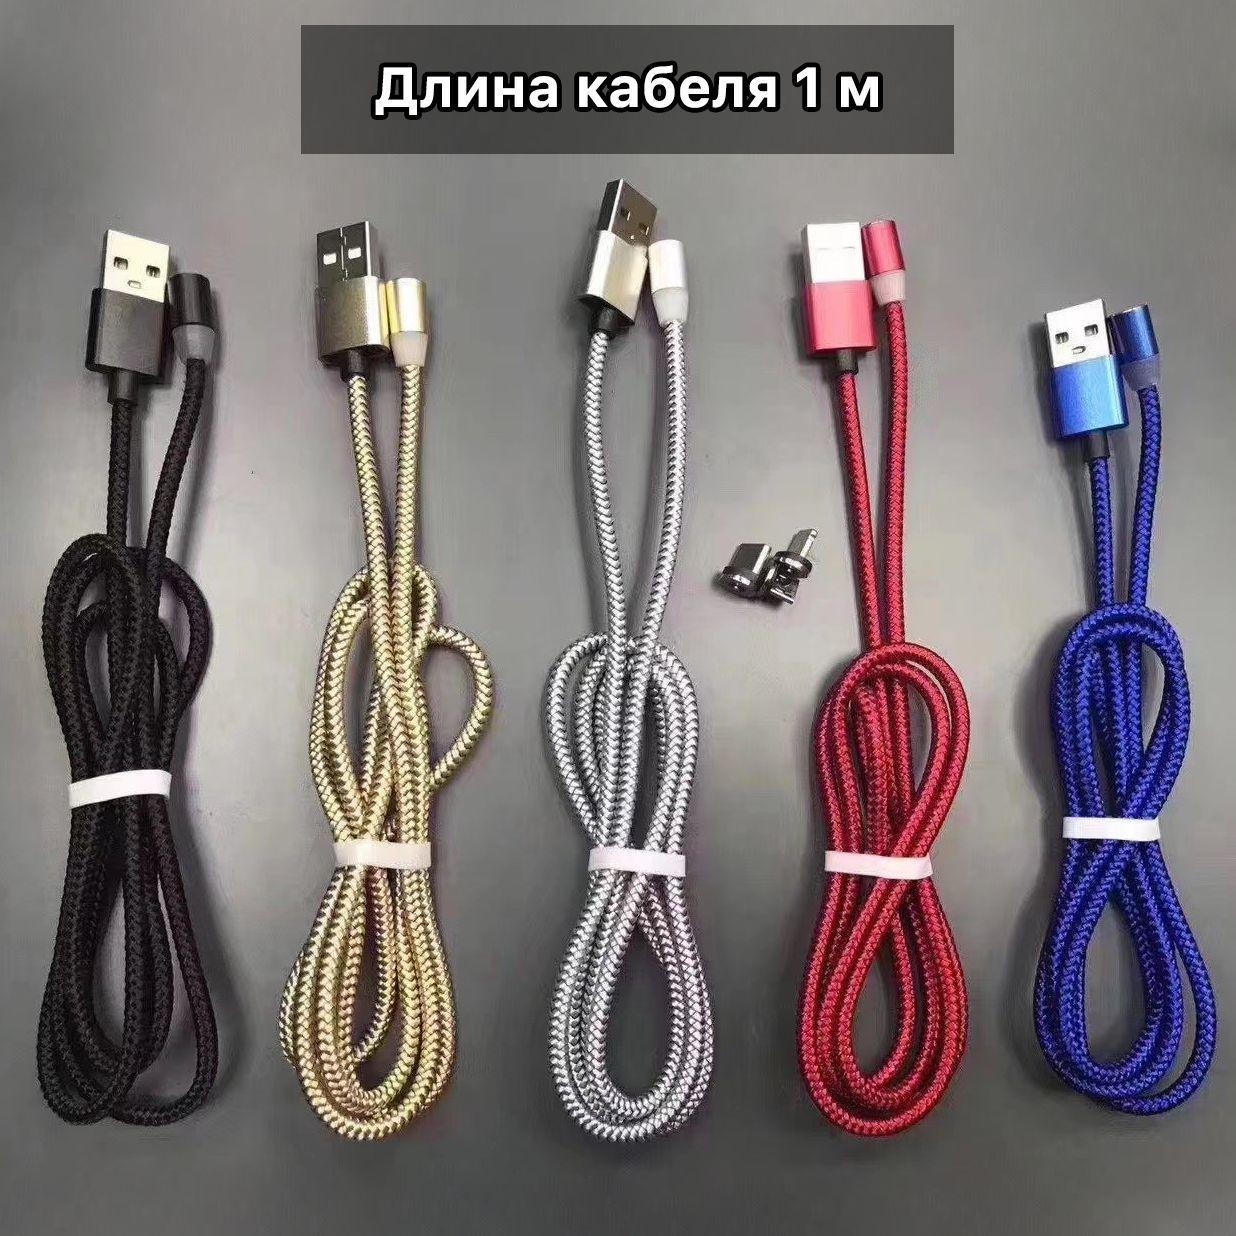 Магнітний кабель для зарядки телефону 3в1 Type-C, Micro-Usb і під iPhone з нейлоновою опліткою довжиною 1 м